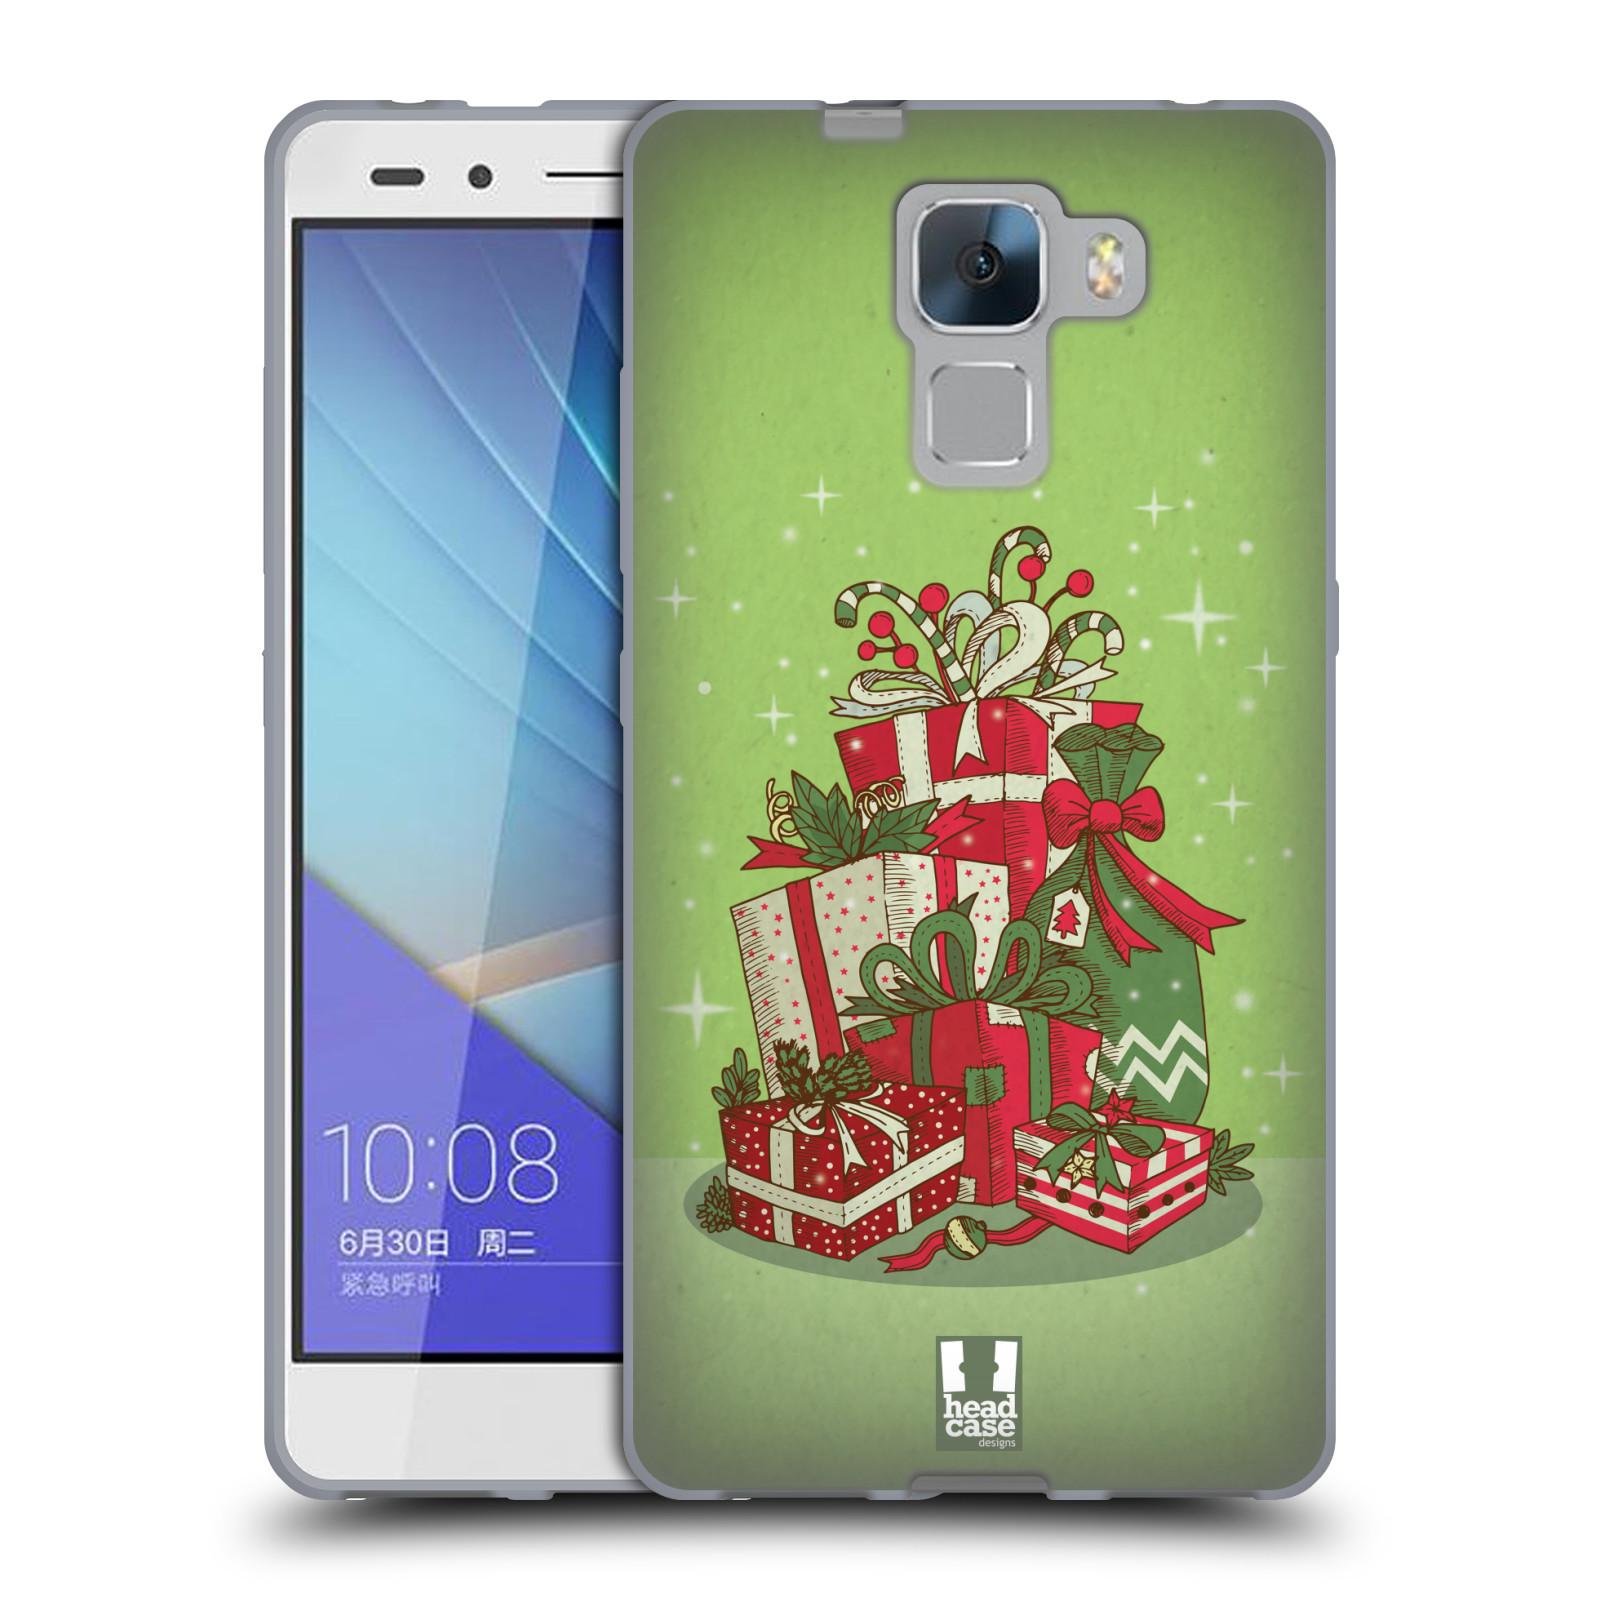 Silikonové pouzdro na mobil Honor 7 - Head Case - Dárečky